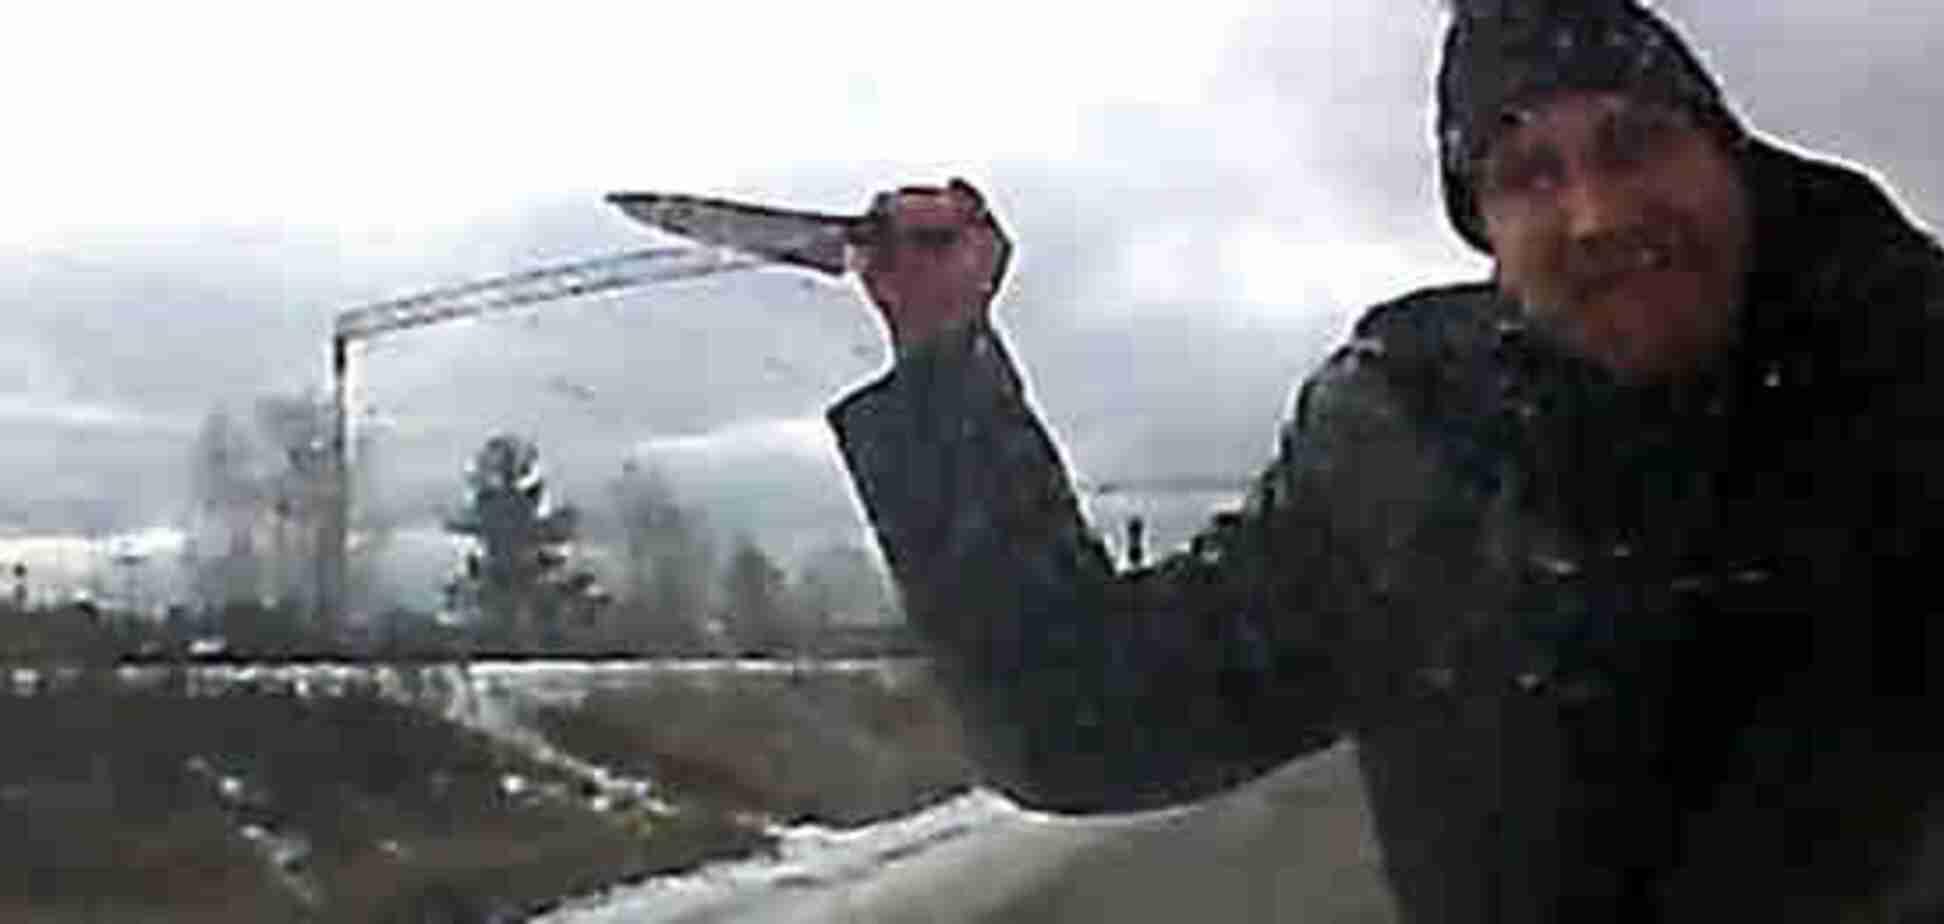 'Выколол глаза, отрезал грудь': в России момент расправы маньяка над жертвой попал на видео